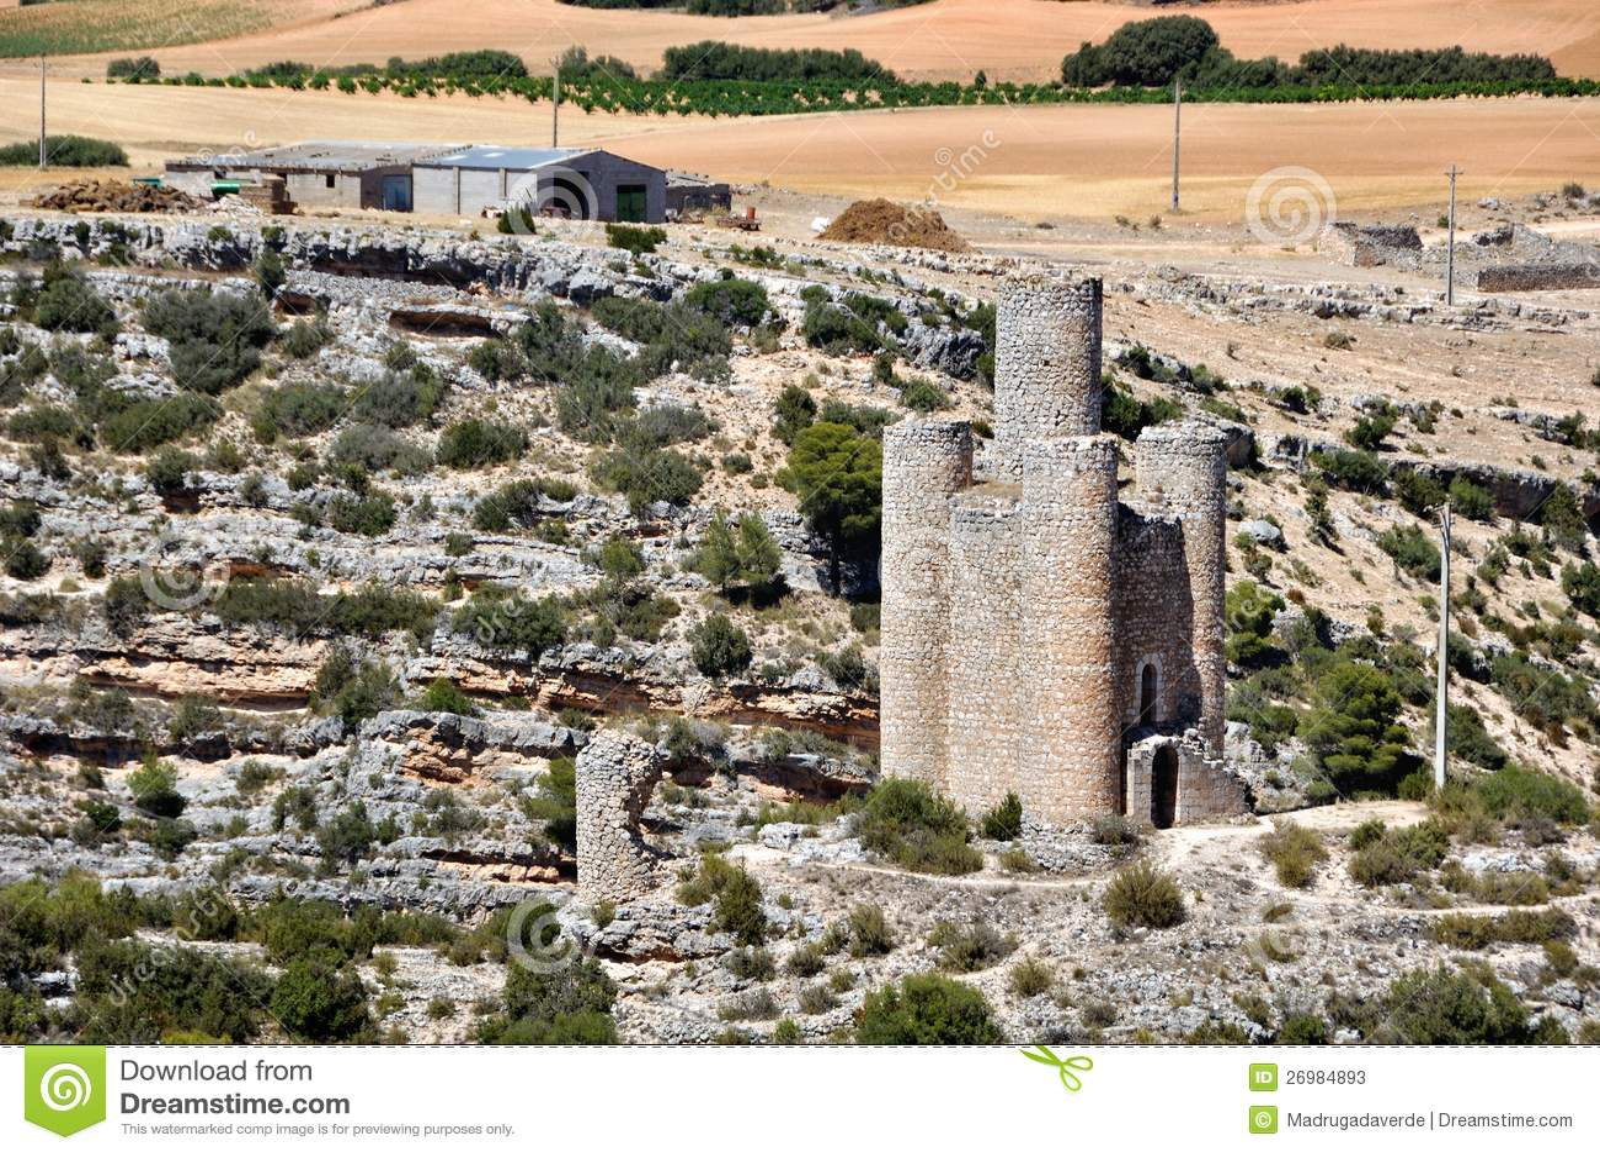 Alarcon Spain  city photos gallery : castle alarcon spain 26984893